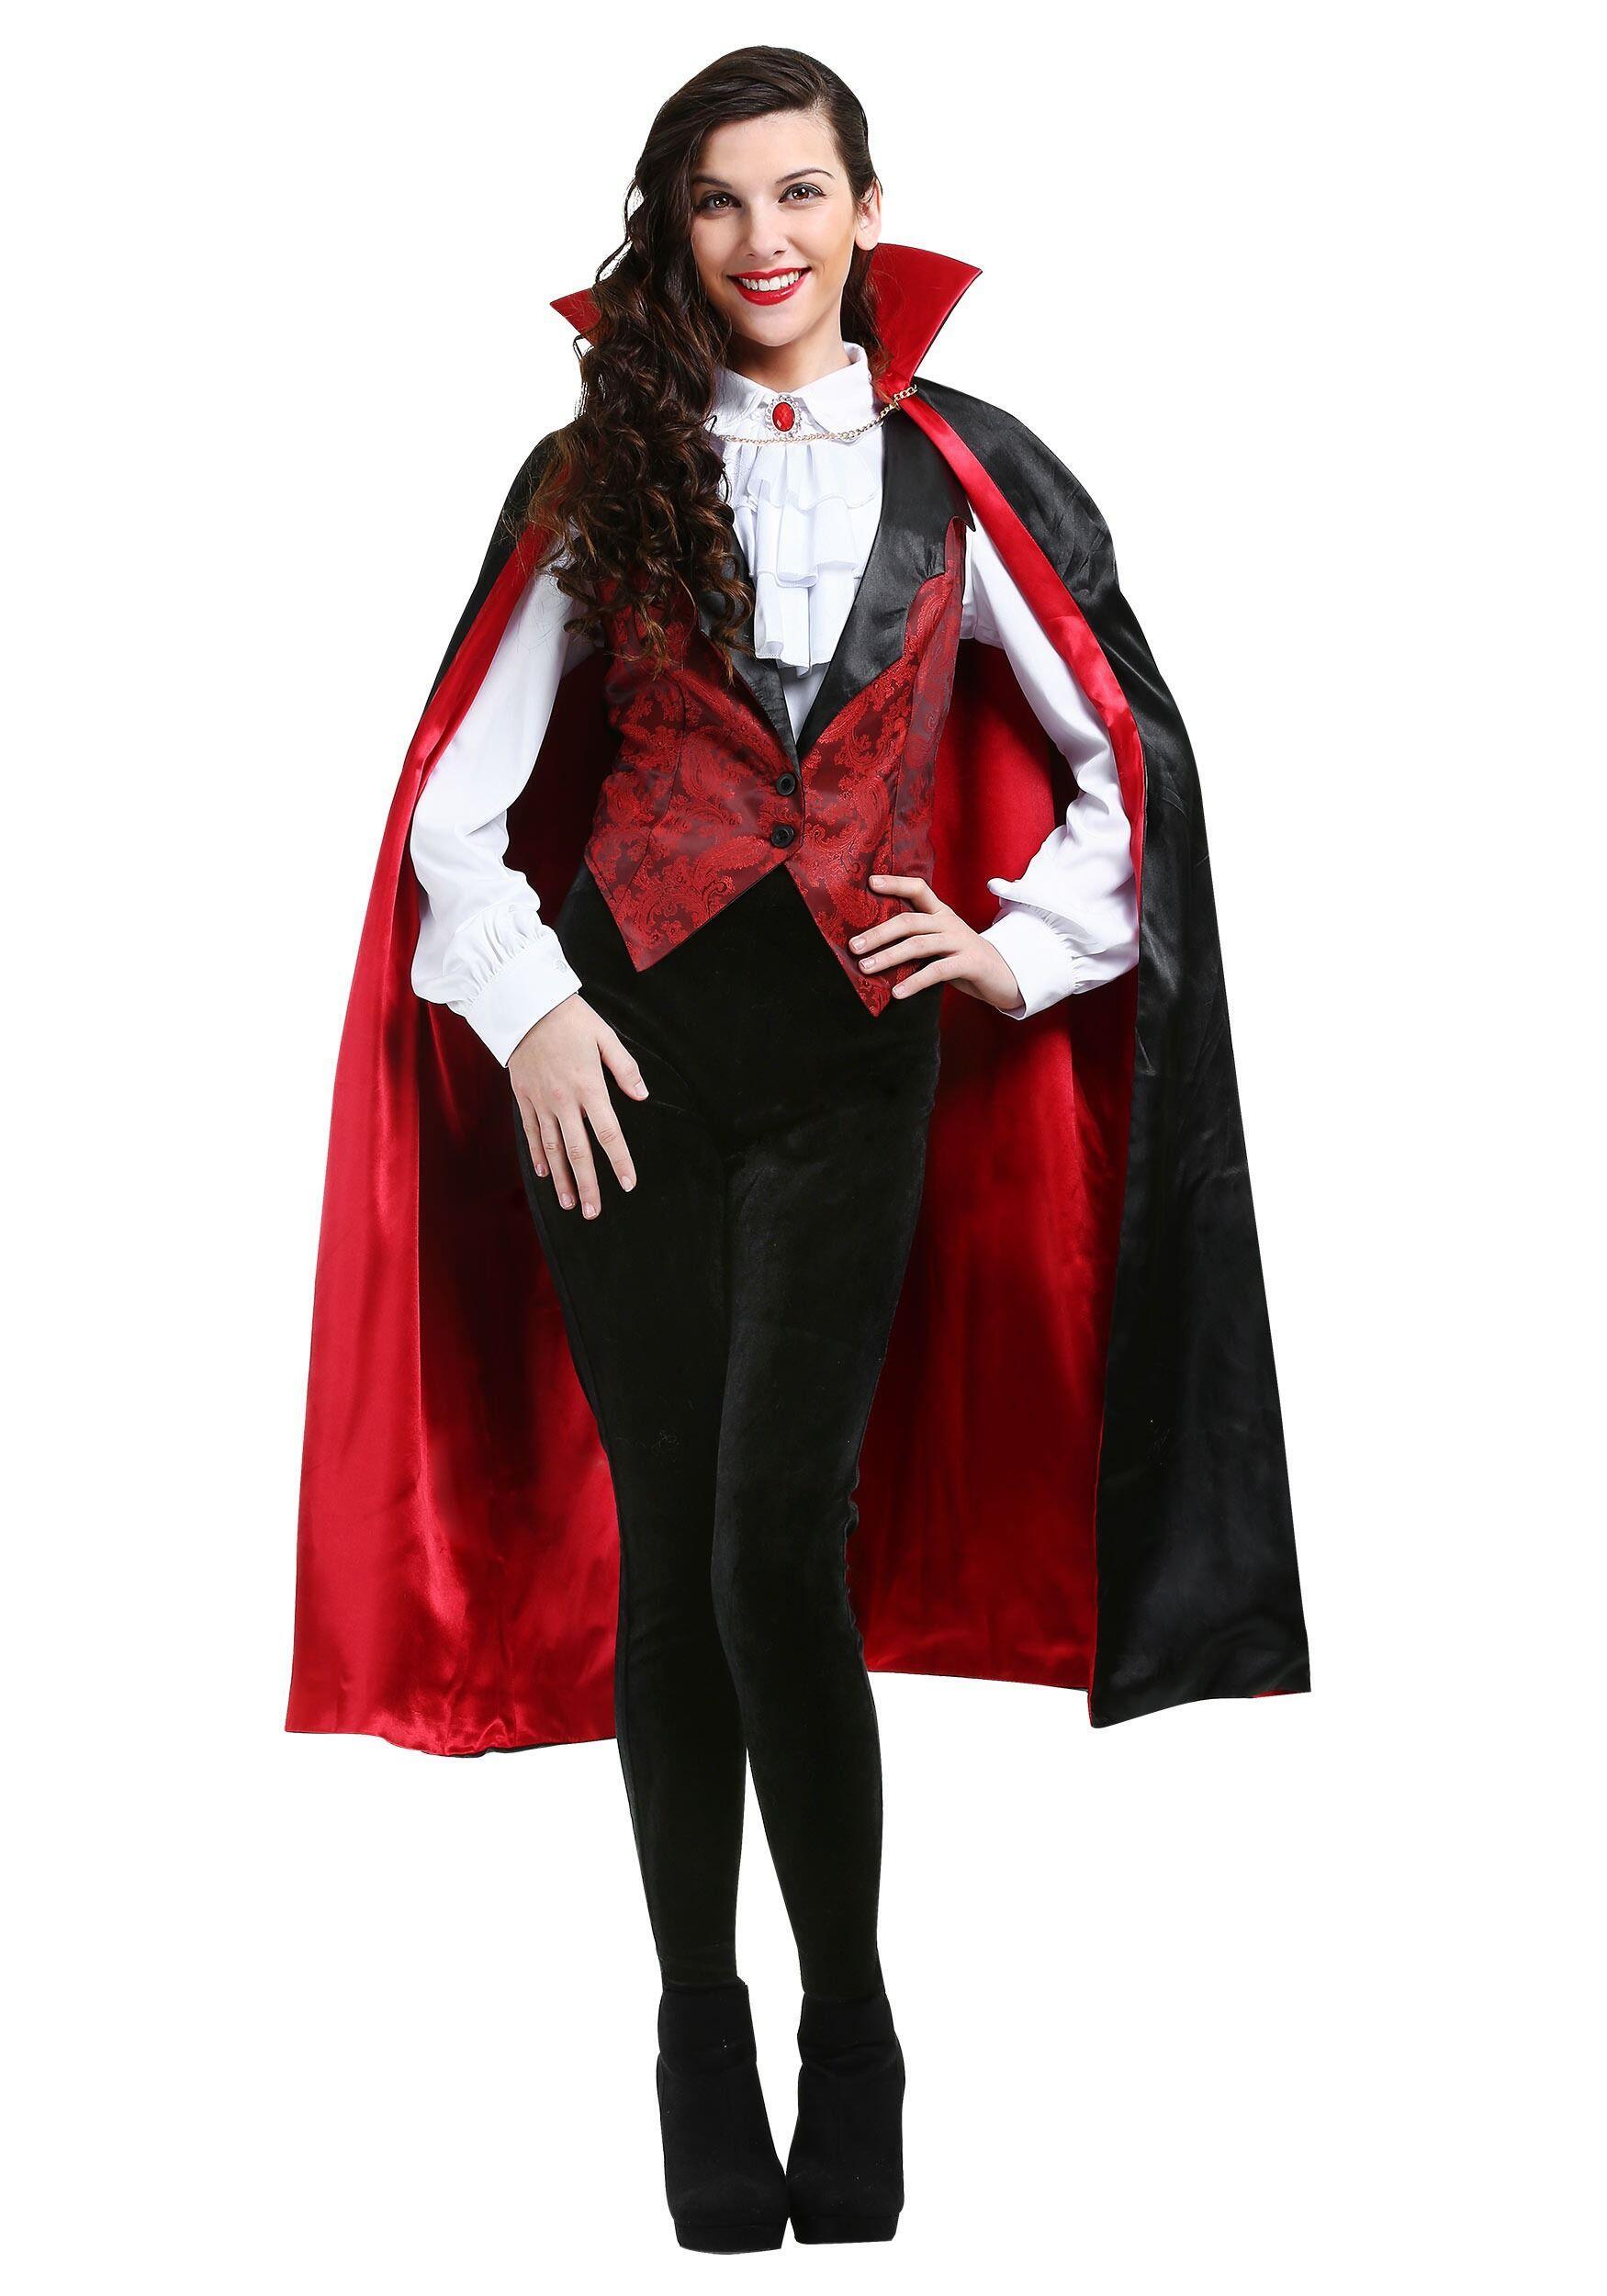 Keren dan Unik, 12 Kostum Halloween yang Cocok Berdasarkan Zodiakmu